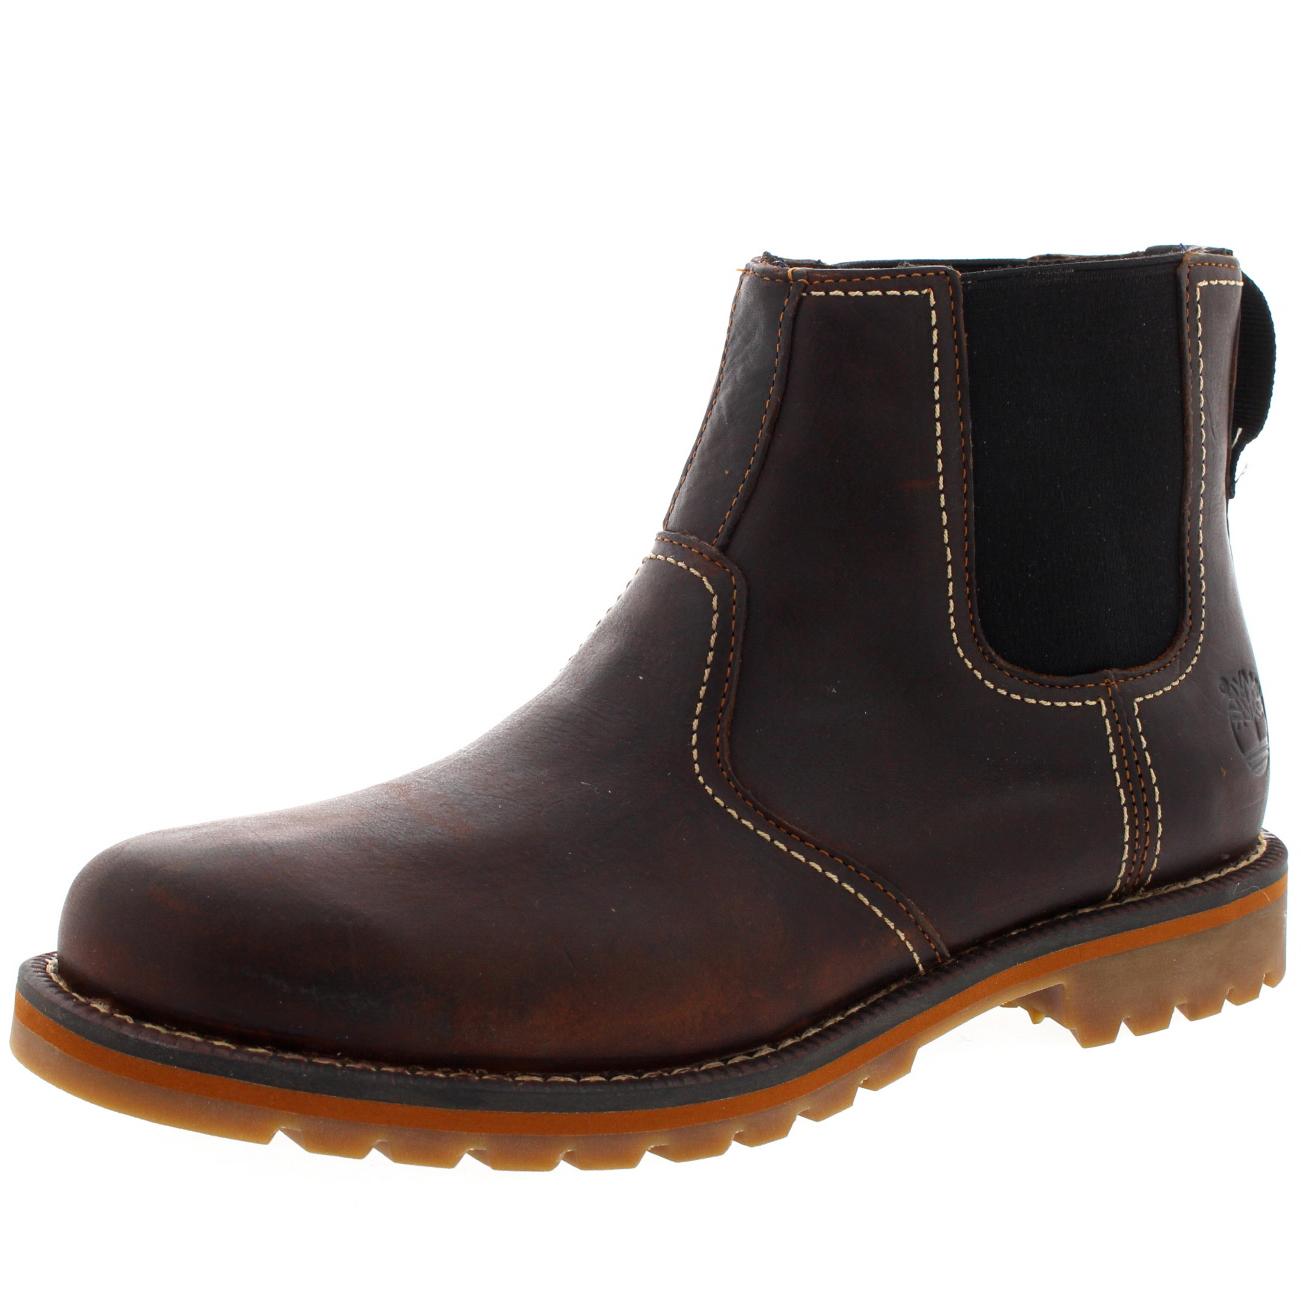 Chelsea Boots Never Out of Style – Wie du Chelsea Boots für jede Situation richtig kombinierst! Dass die Chelsea Boots ein richtiges Allround-Talent sind, wissen wir ja schon längst.